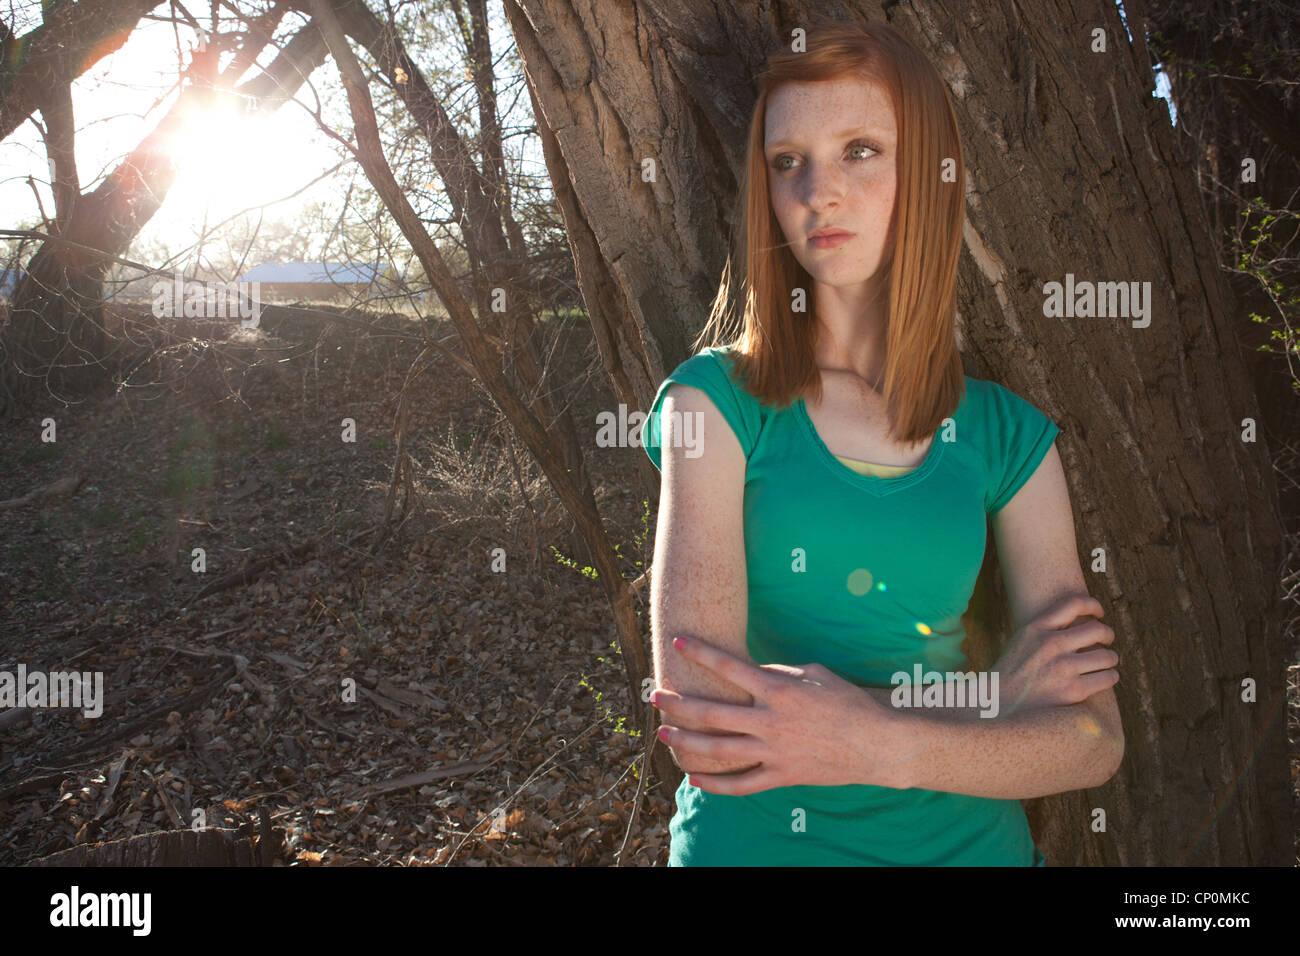 Quinze ans, fille, debout près d'un arbre. Photo Stock